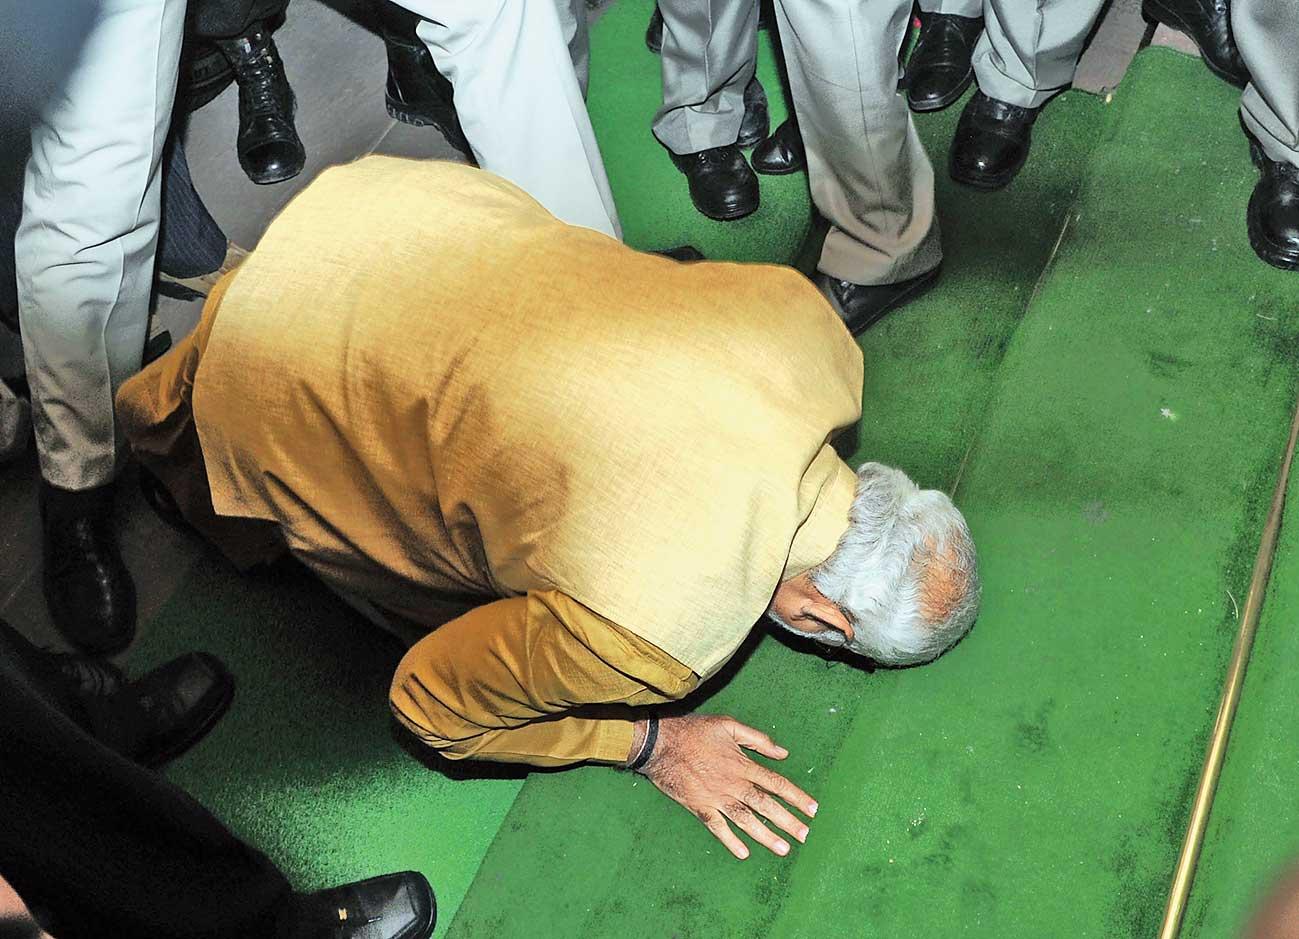 NaMo NaMo, 2019: Narendra Modi bows before Parliament on May 20, 2014.